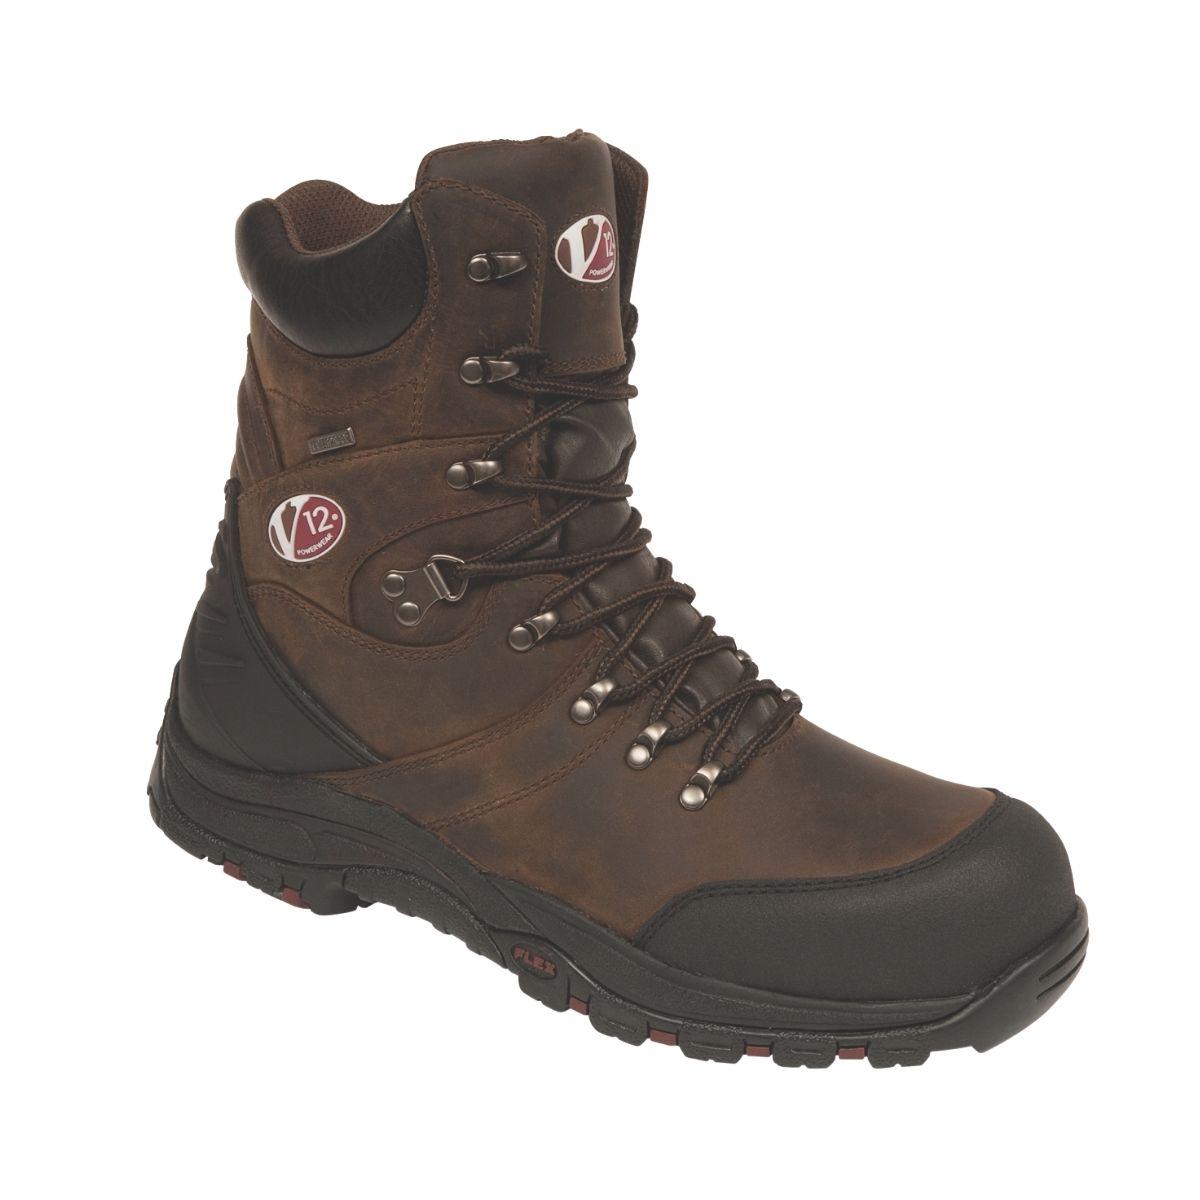 SF6255 V12 Rocky Zip Sided Waterproof Hiker Boot